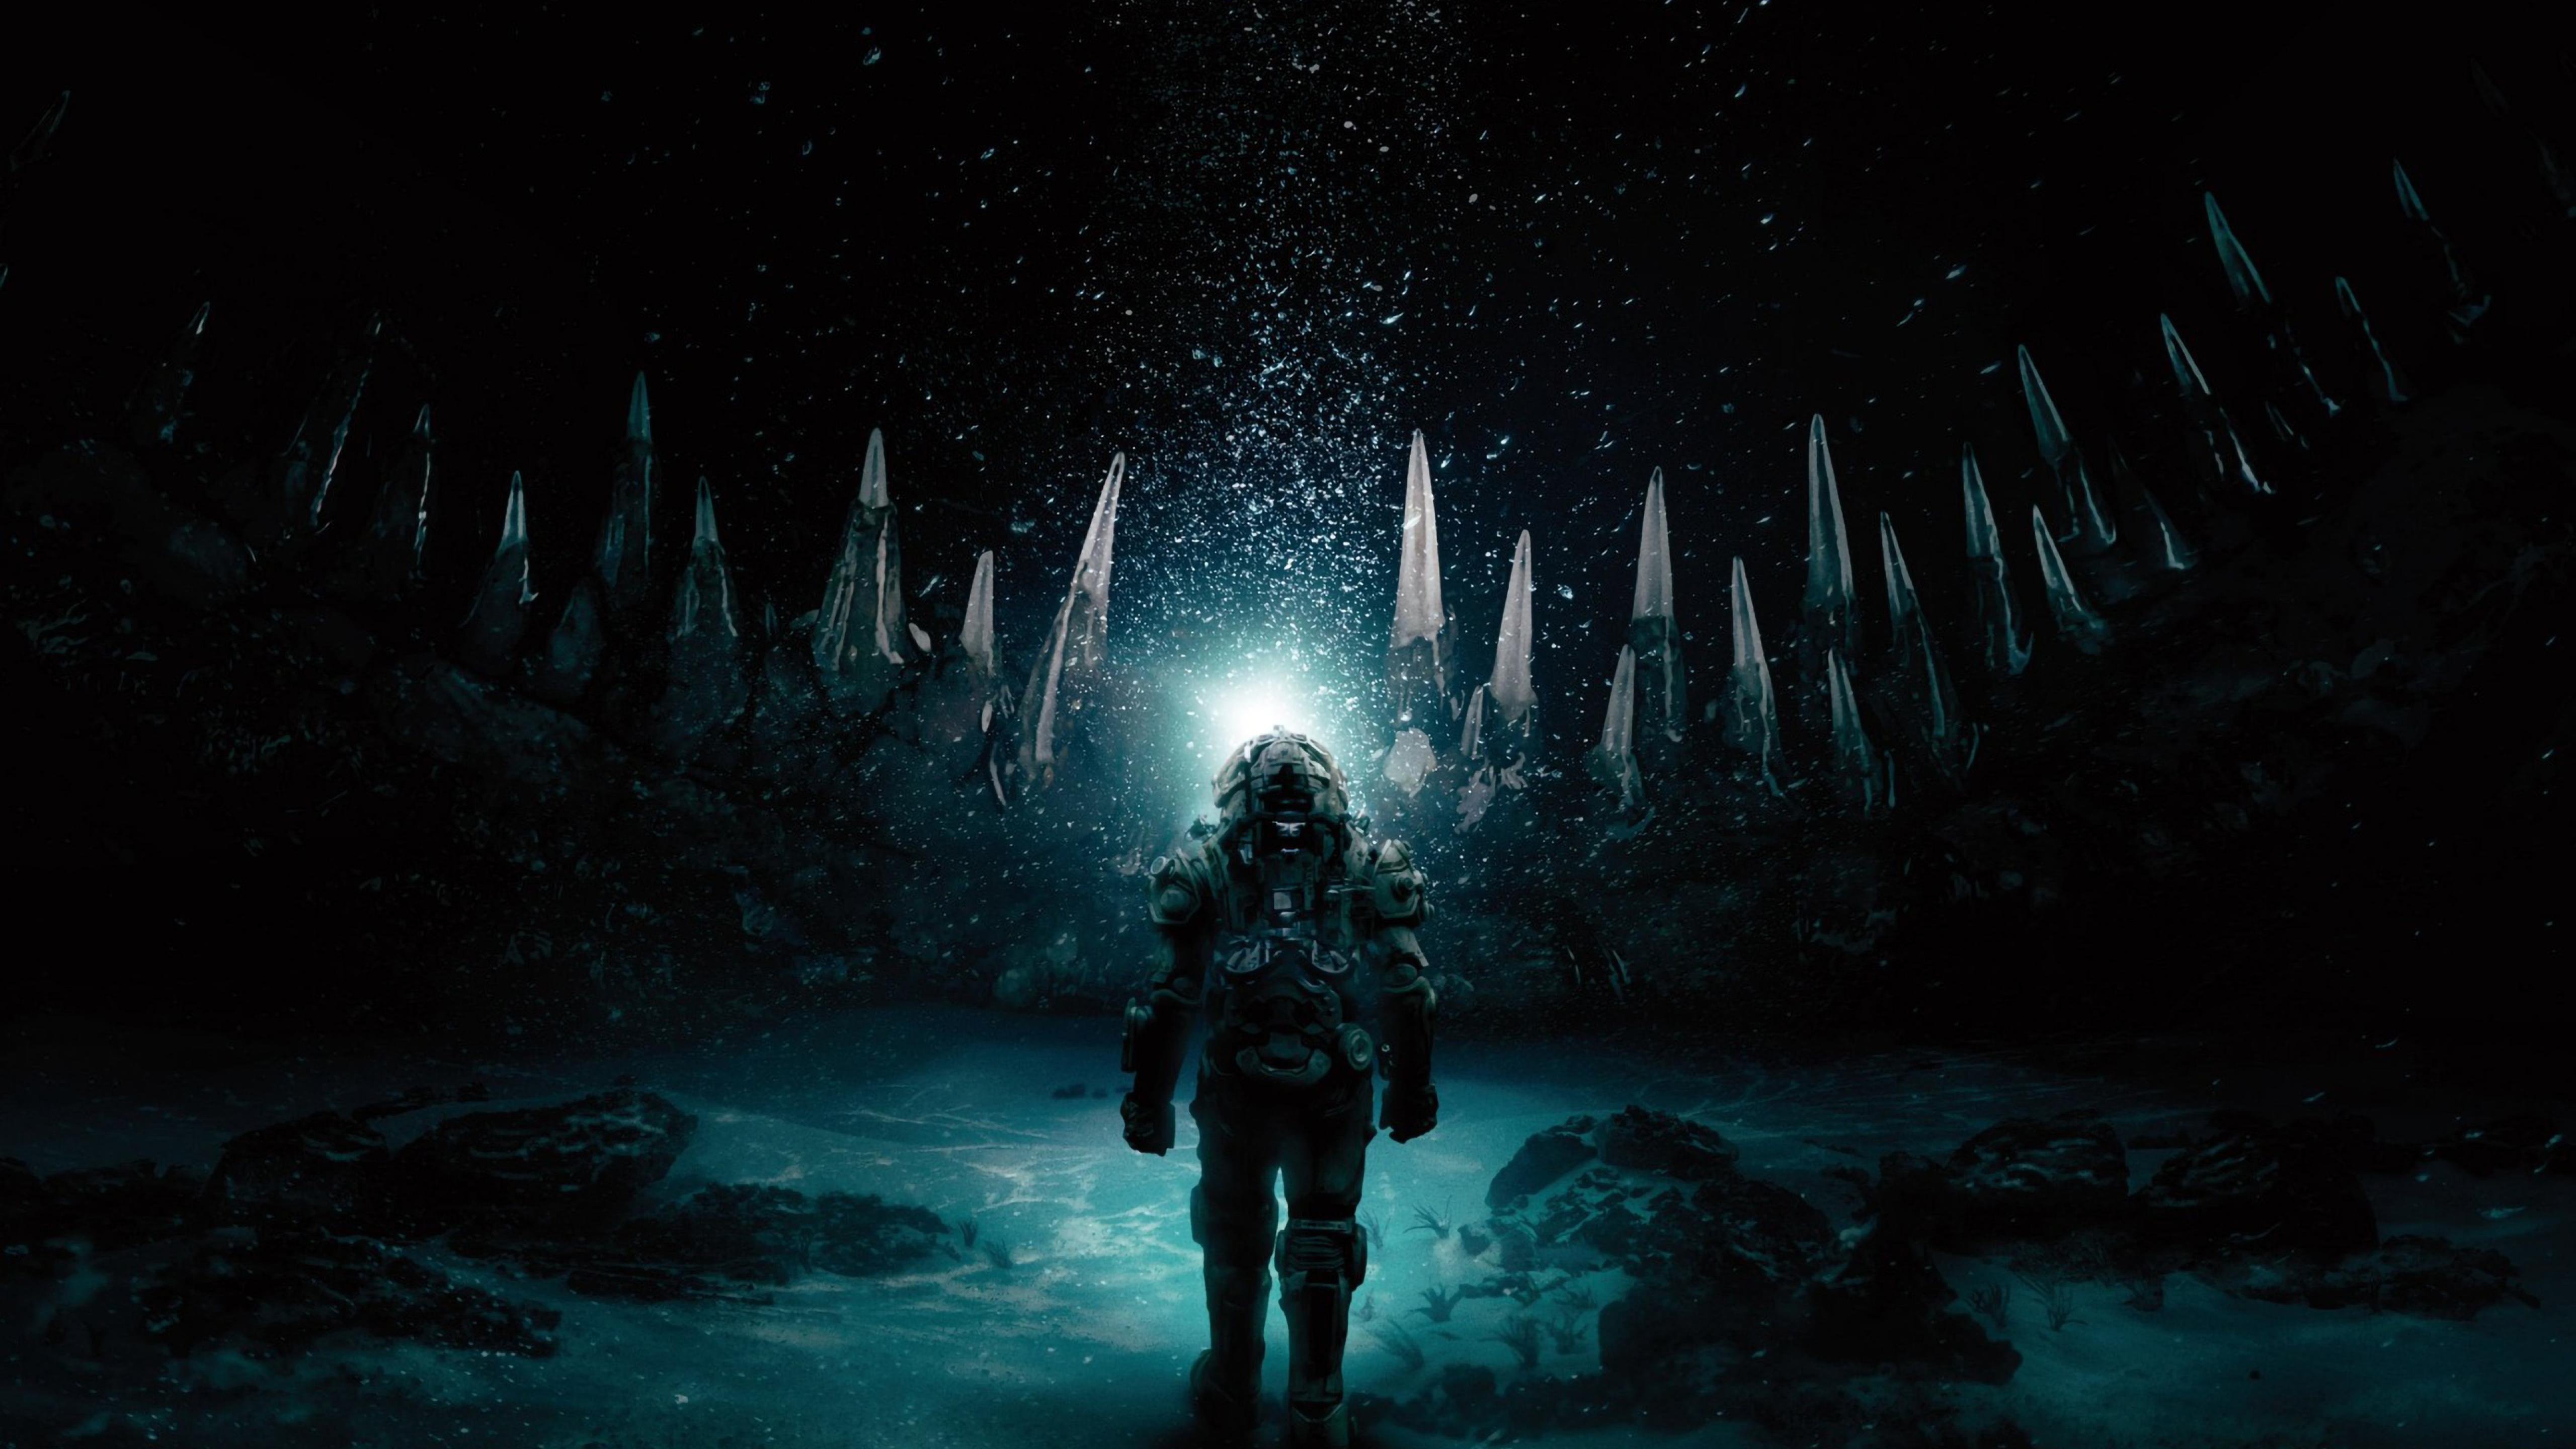 5120x2880 Underwater 2020 Movie 5K Wallpaper HD Movies 4K 5120x2880